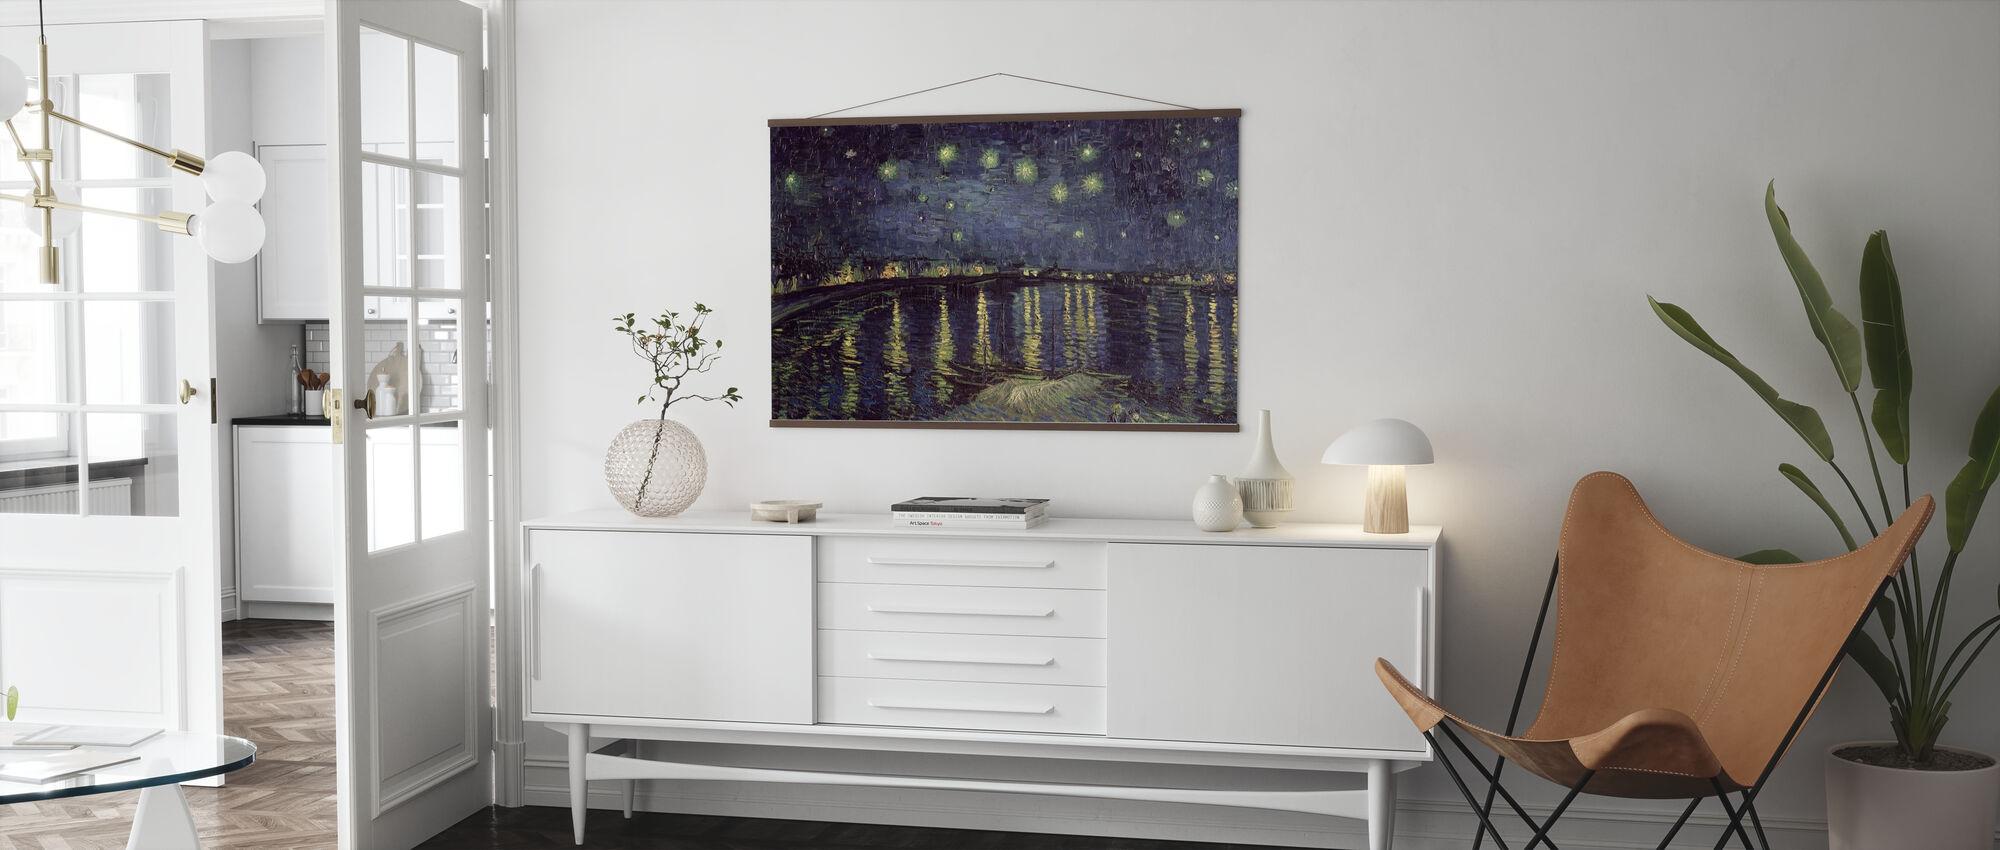 Nuit étoilée - Vincent van Gogh - Affiche - Salle à manger